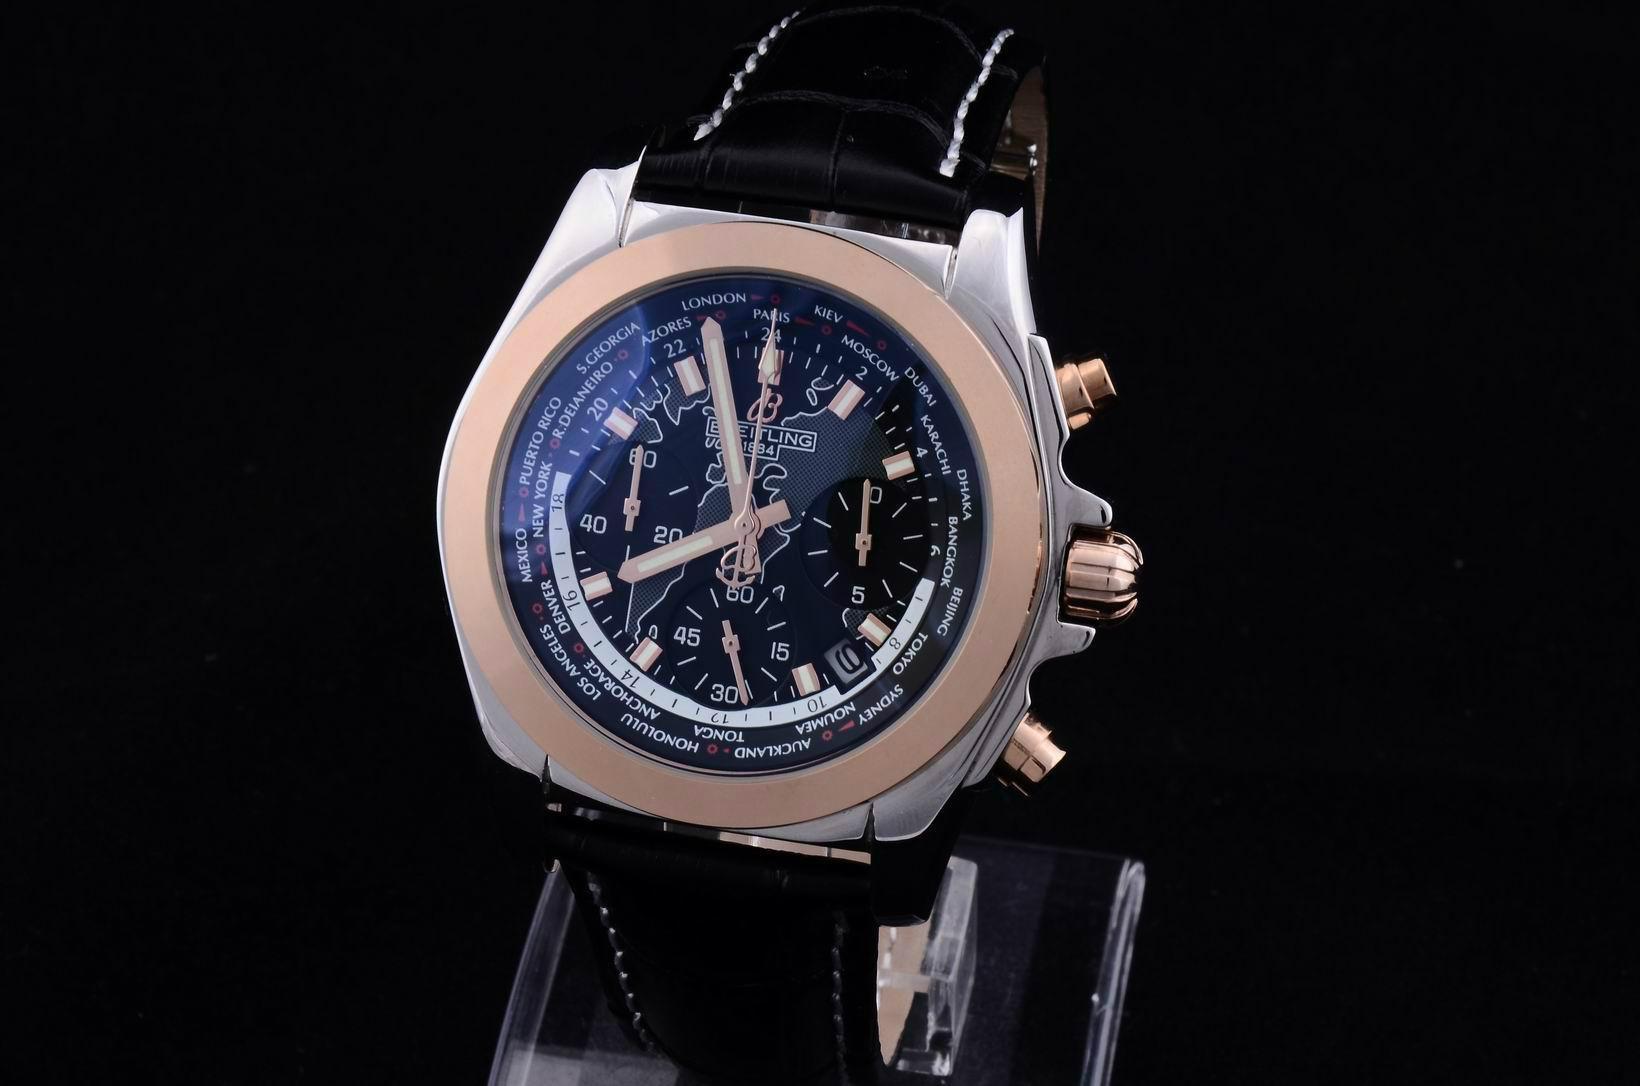 Breitling wristwatch breiting watch man blue face quartz watches stem-winder